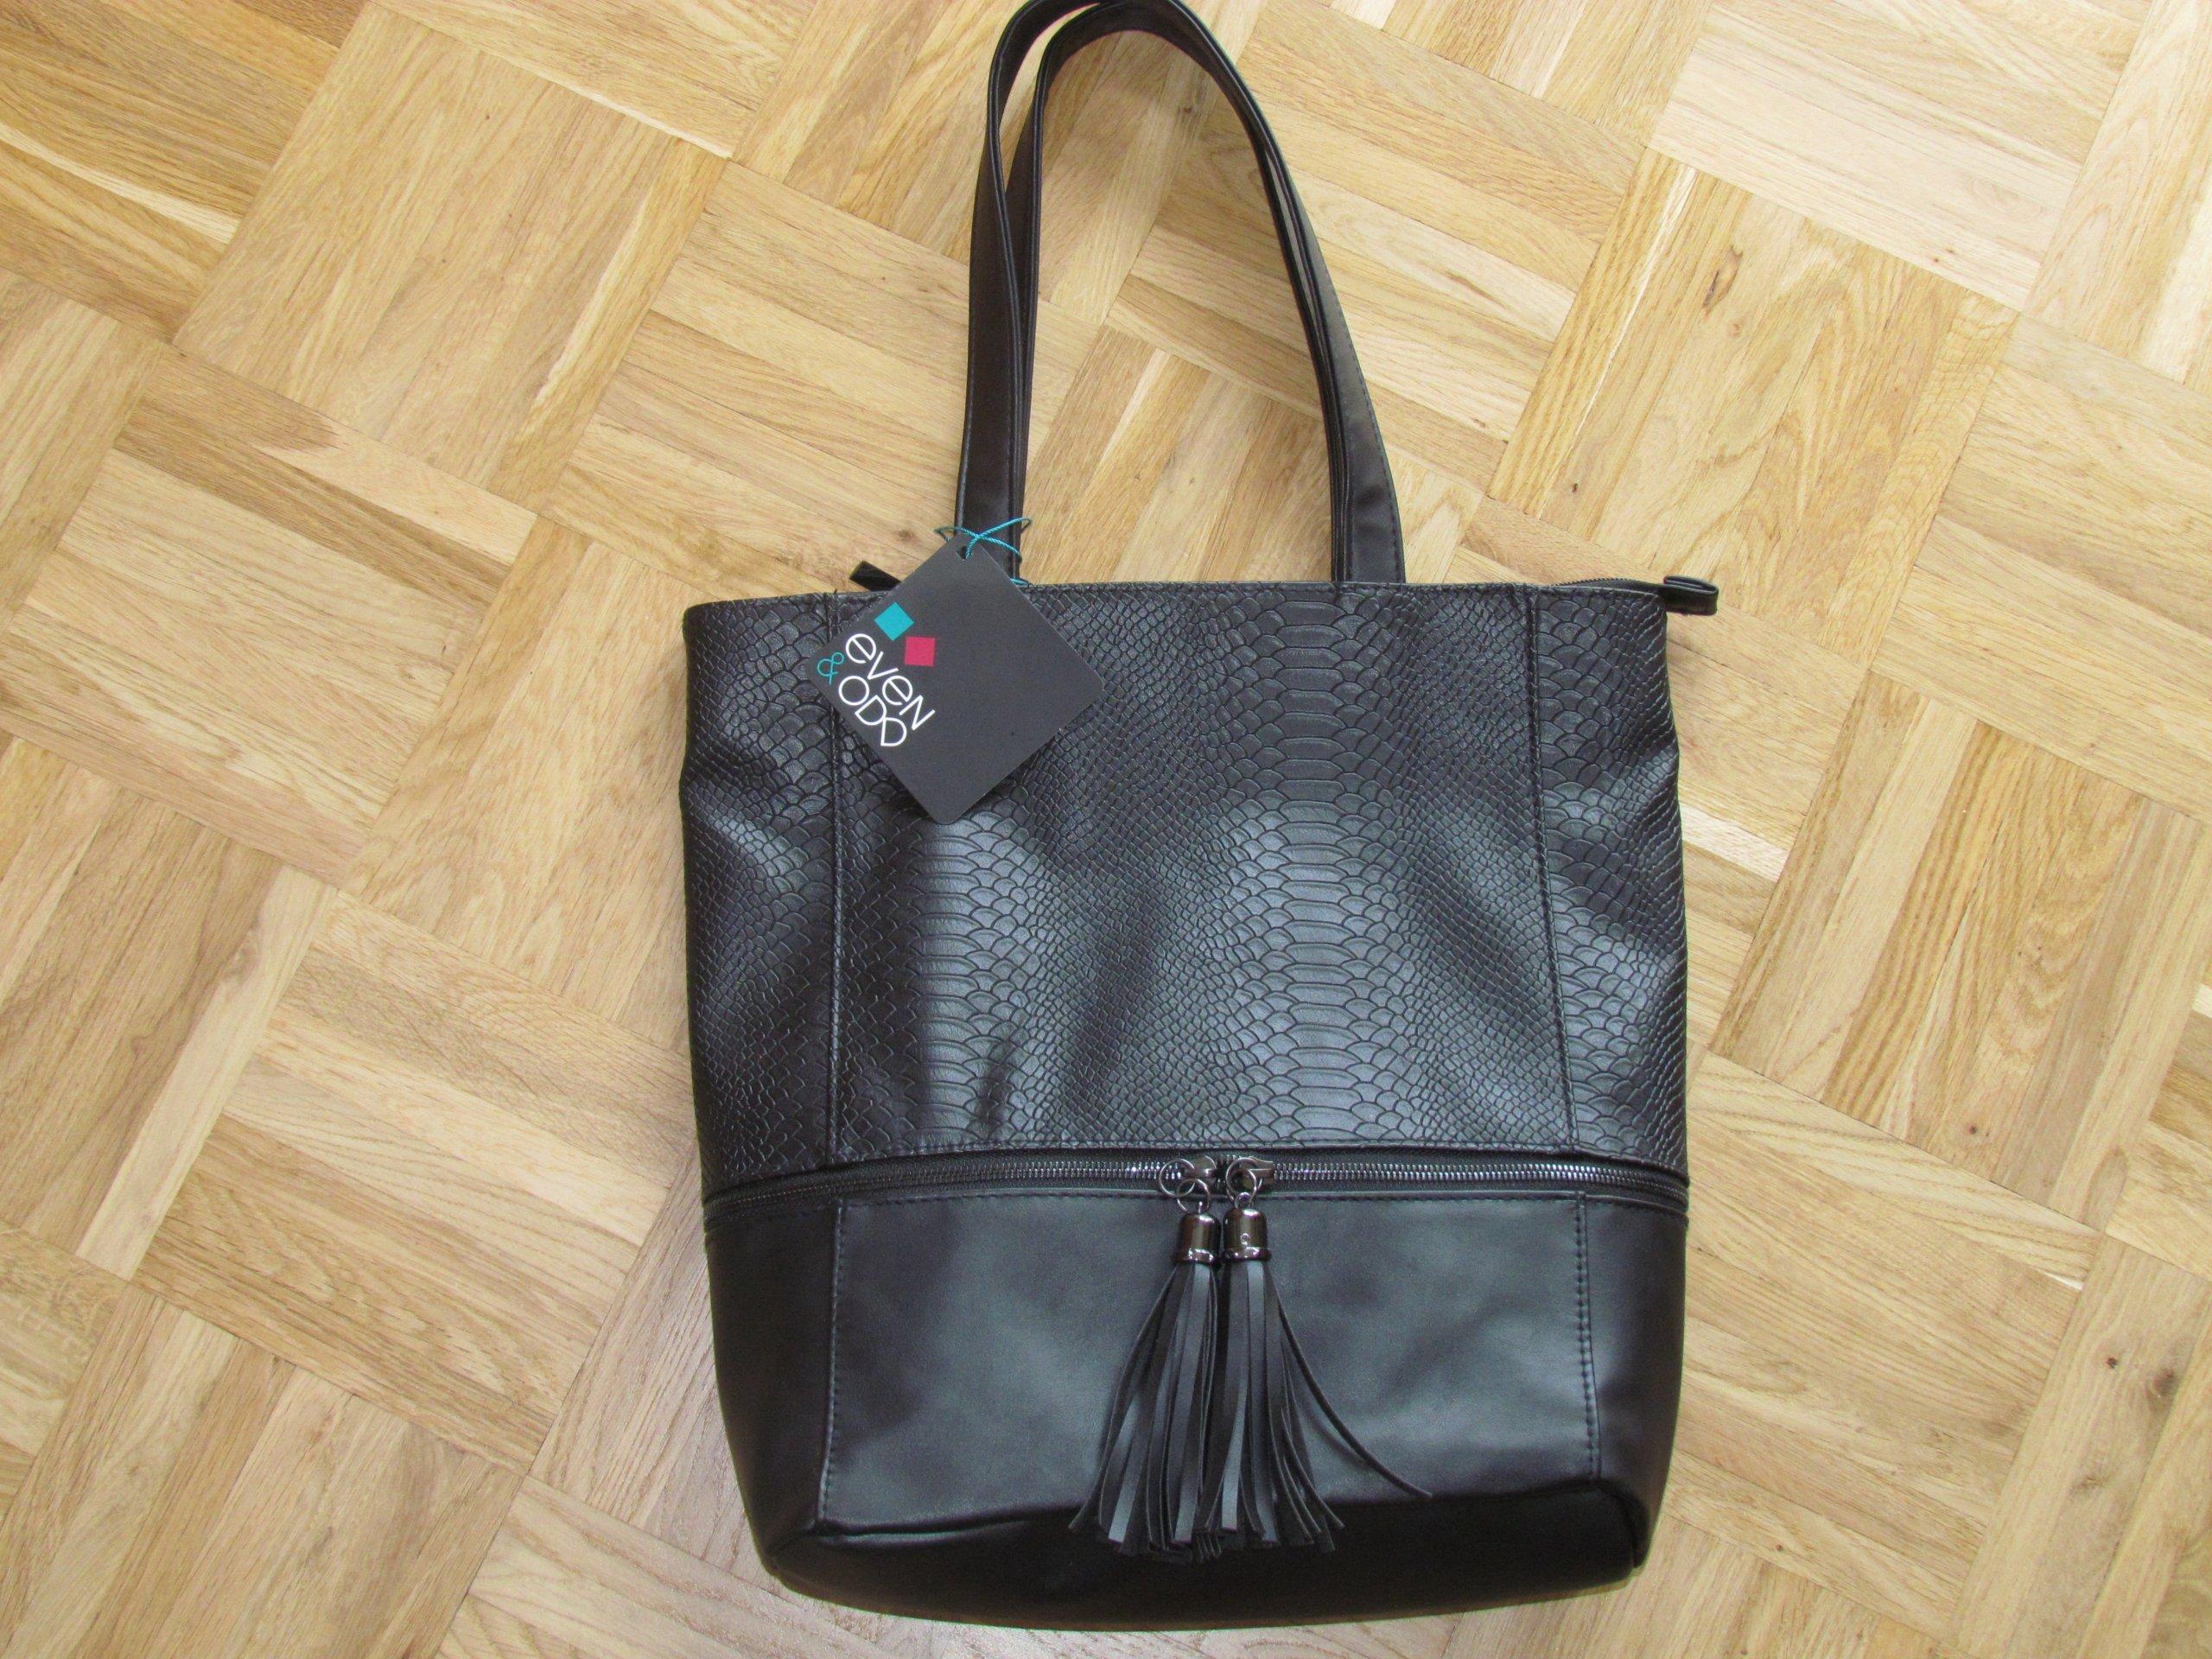 213b1fa76a565 Torebka damska czarna firmy Even Odd , NOWA - 7664898706 - oficjalne ...